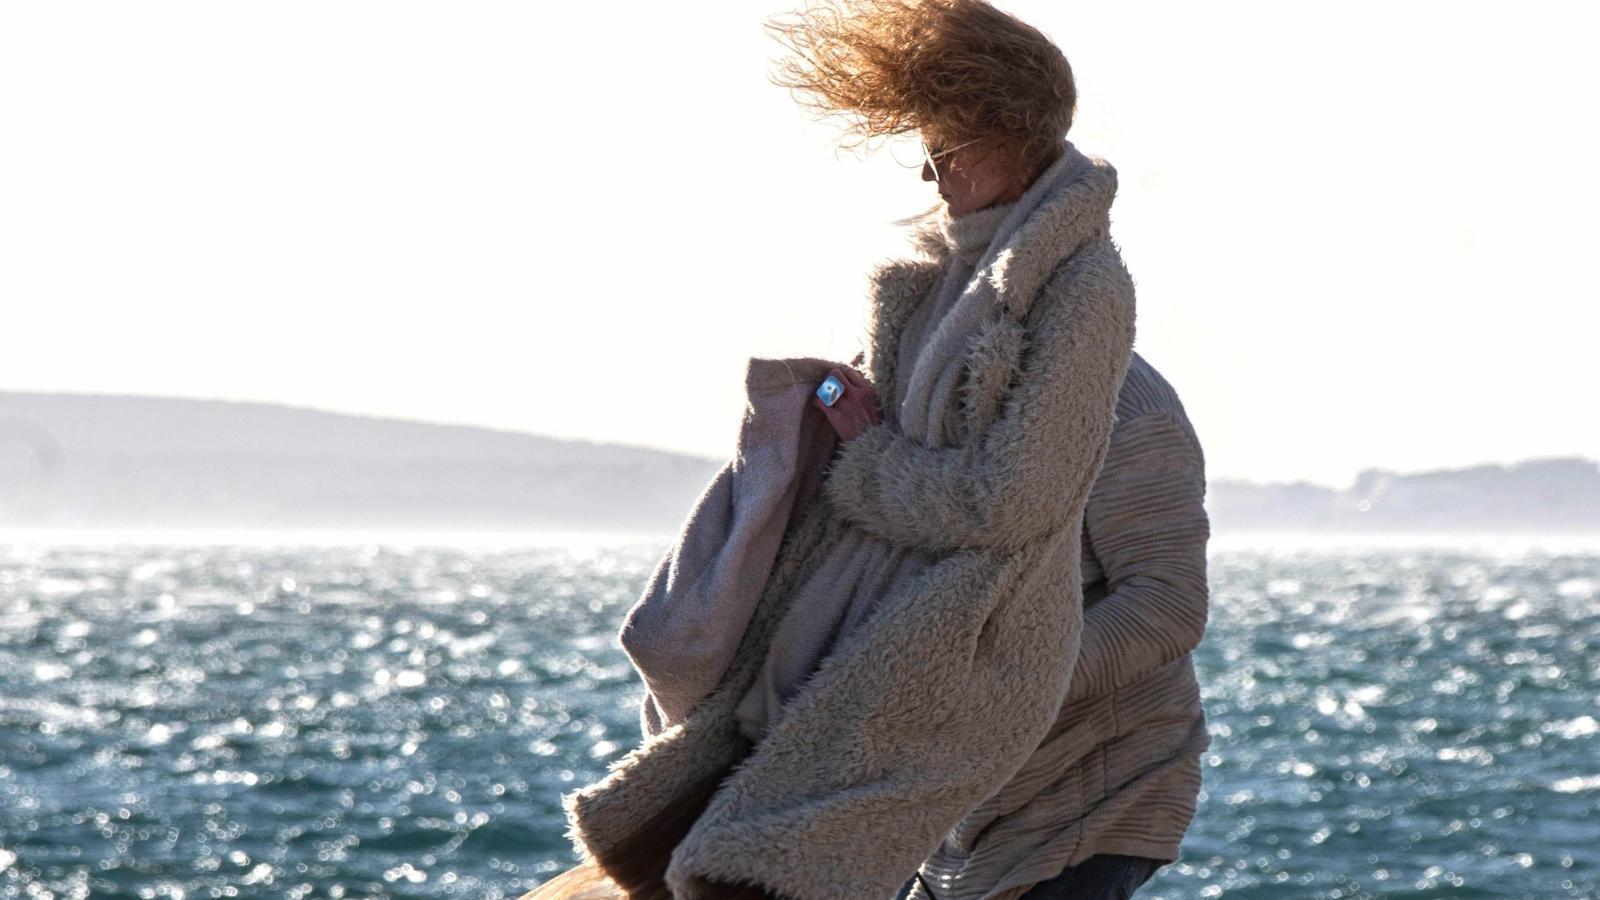 L'Aemet ha manté l'alerta groga a les Balears per vent i fenòmens costaners. / EFE